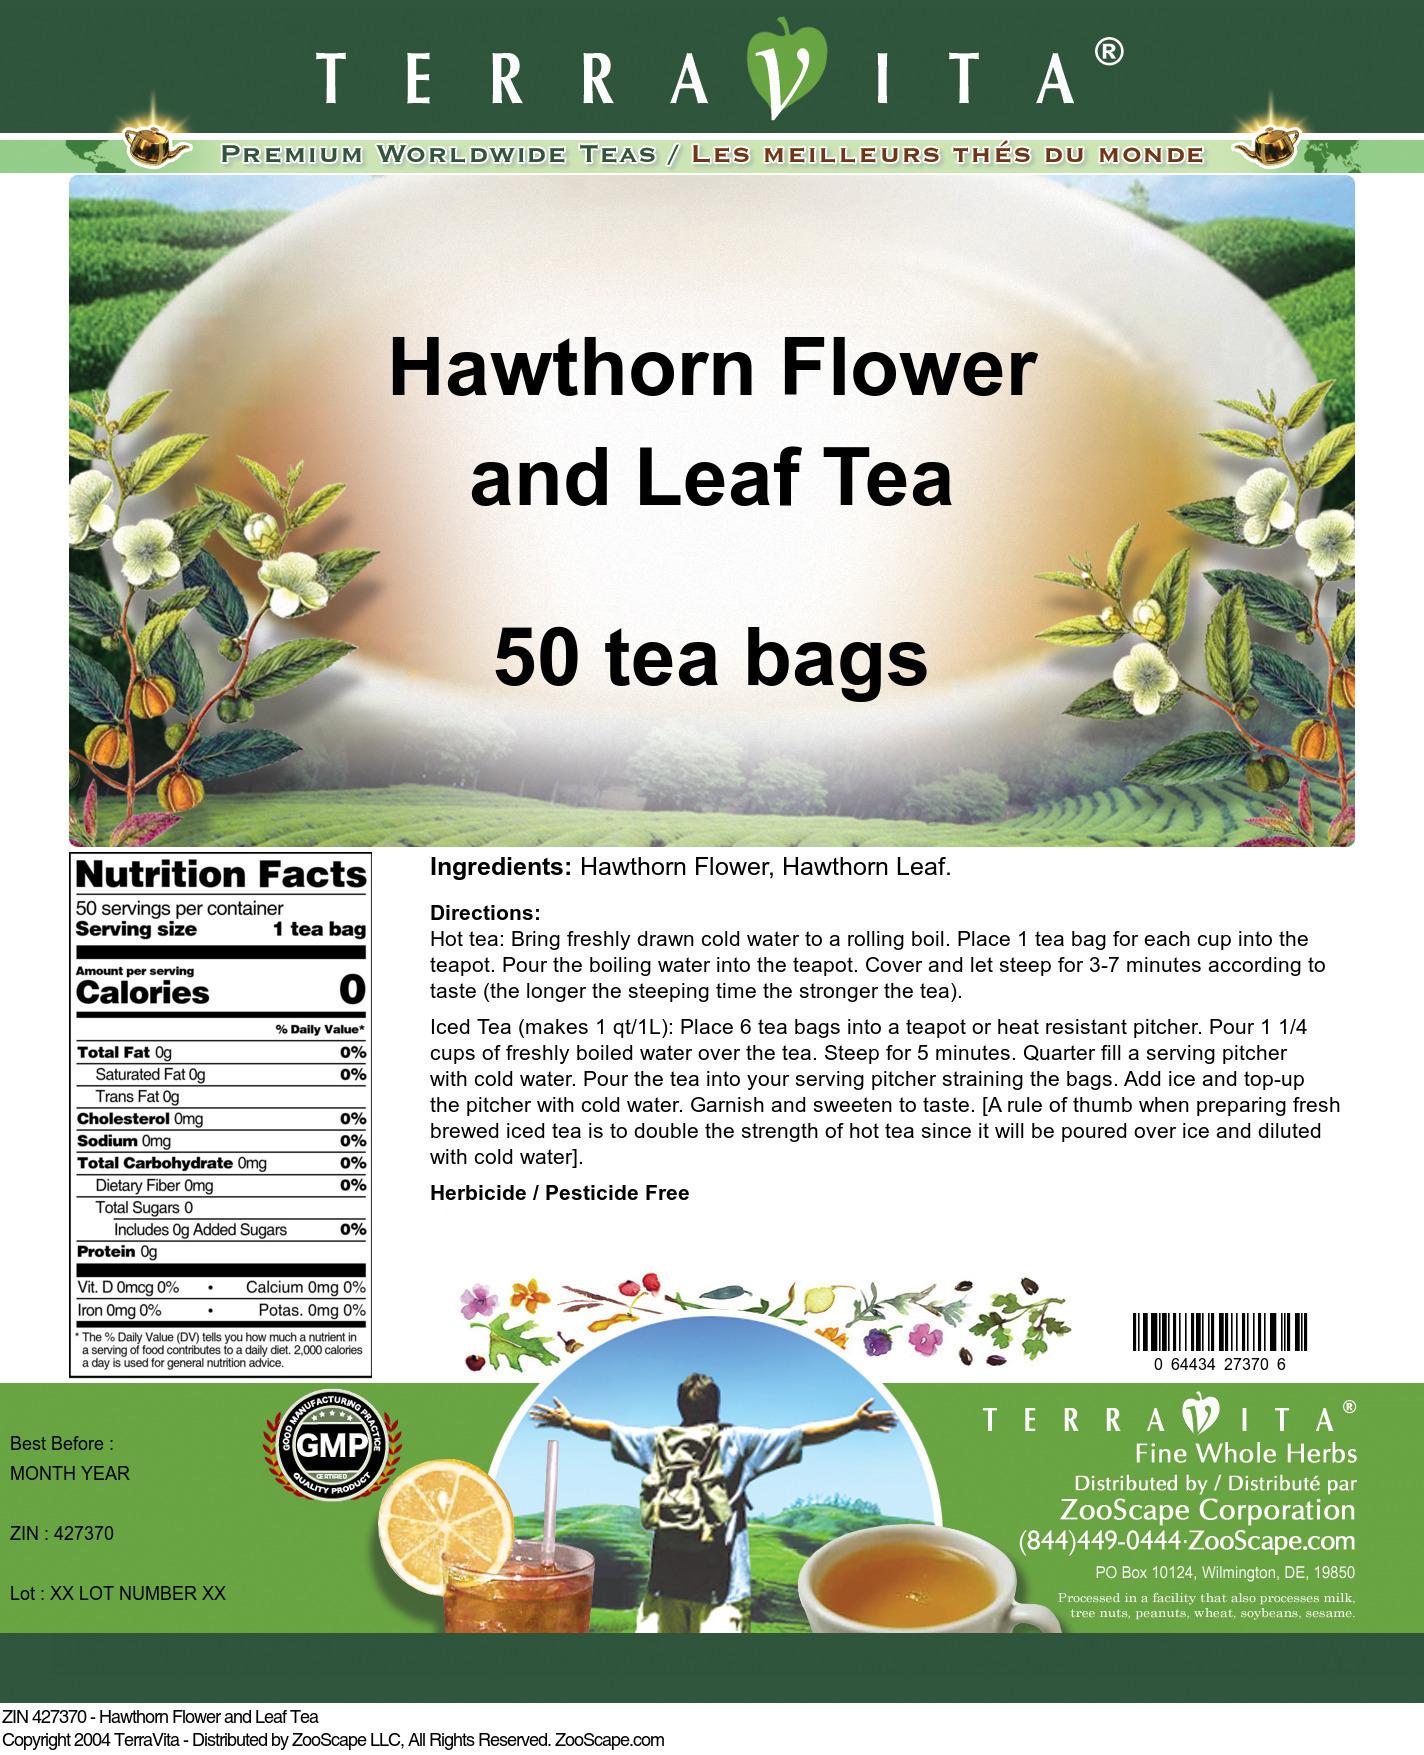 Hawthorn Flower and Leaf